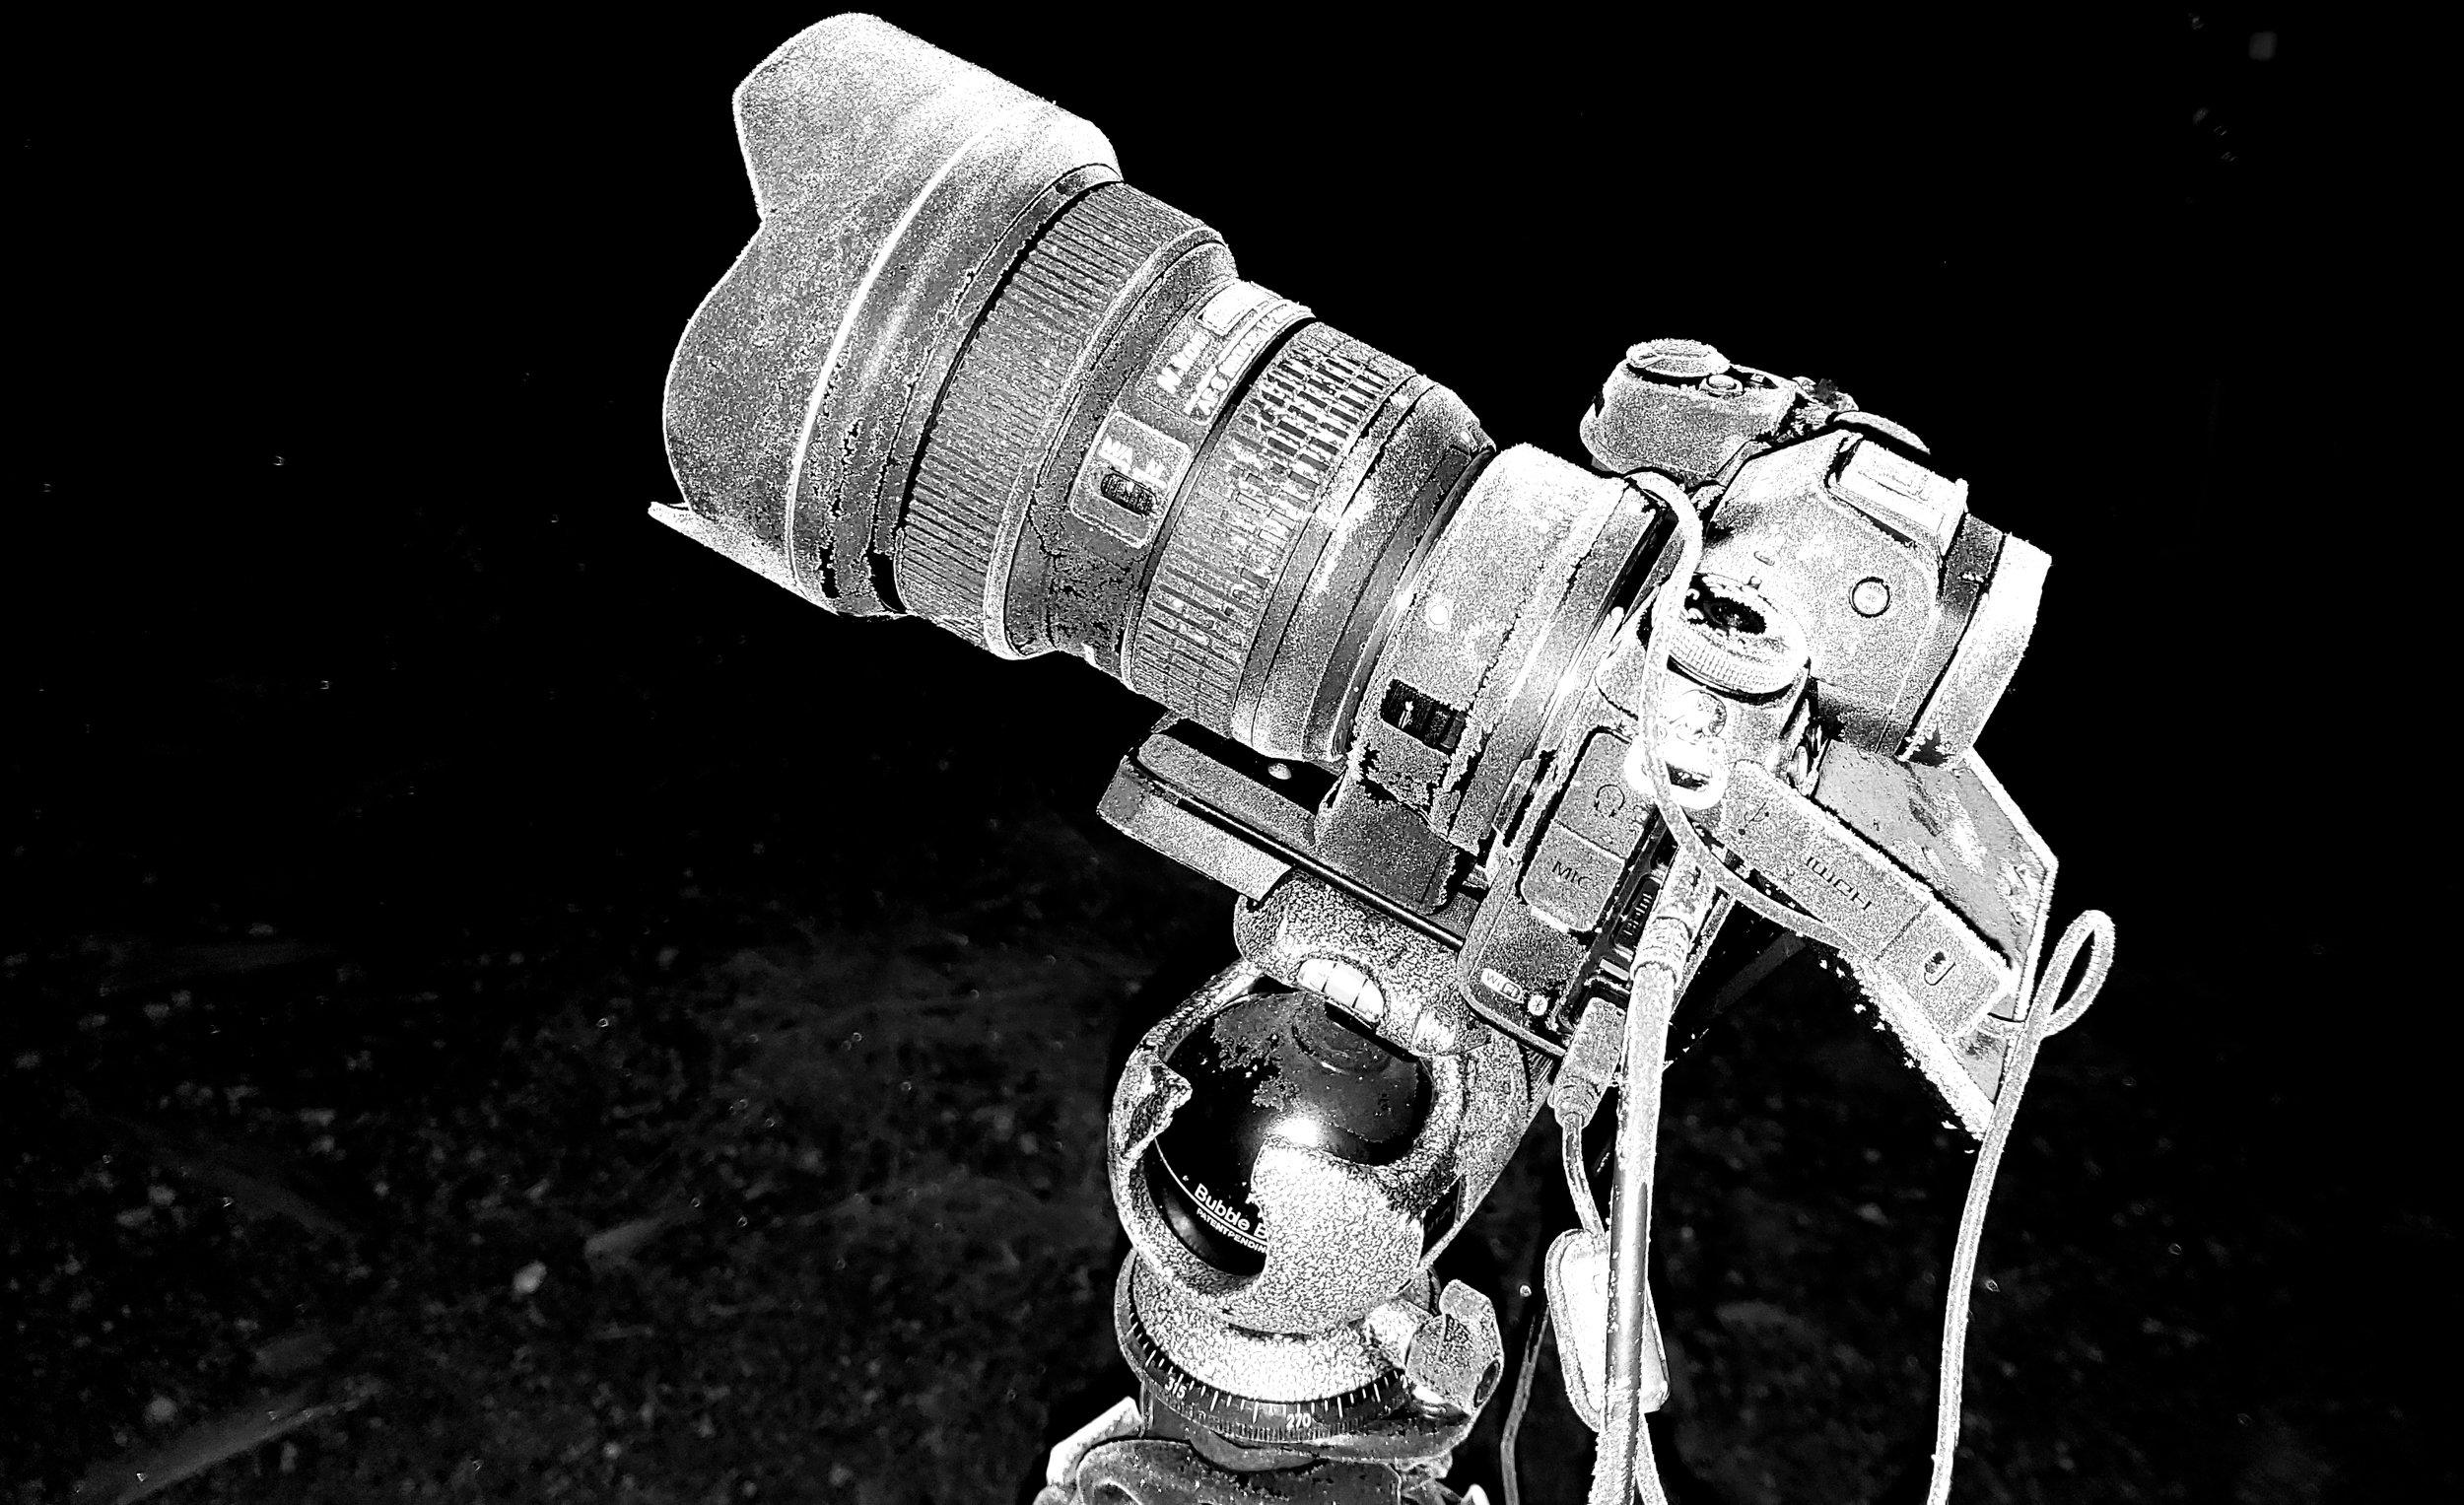 Le courageux Nikon Z7 vainqueur des éléments